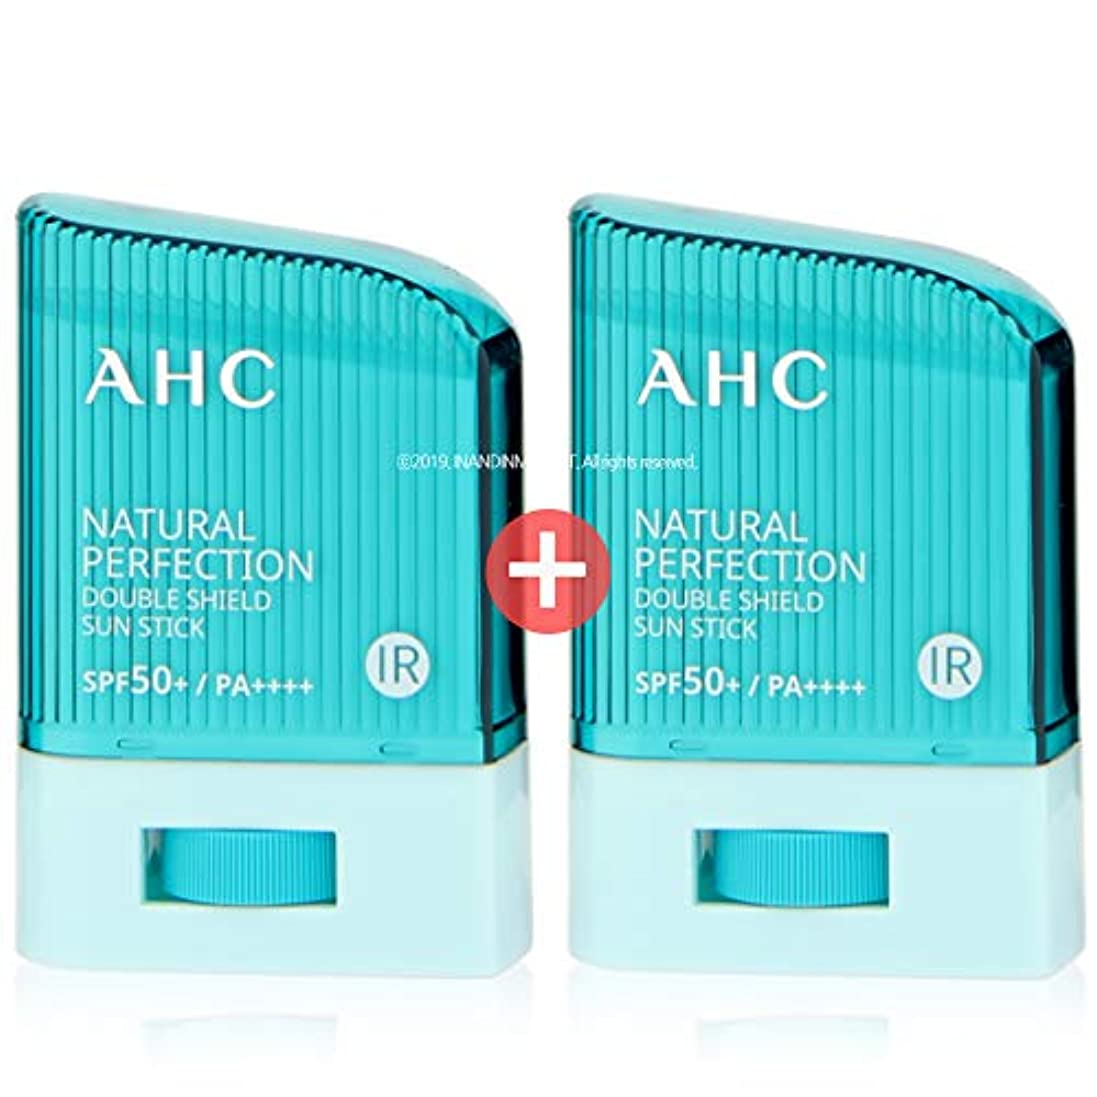 コショウスプレーロッジ[ 1+1 ] AHC ナチュラルパーフェクションダブルシールドサンスティック 14g, Natural Perfection Double Shield Sun Stick SPF50+ PA++++